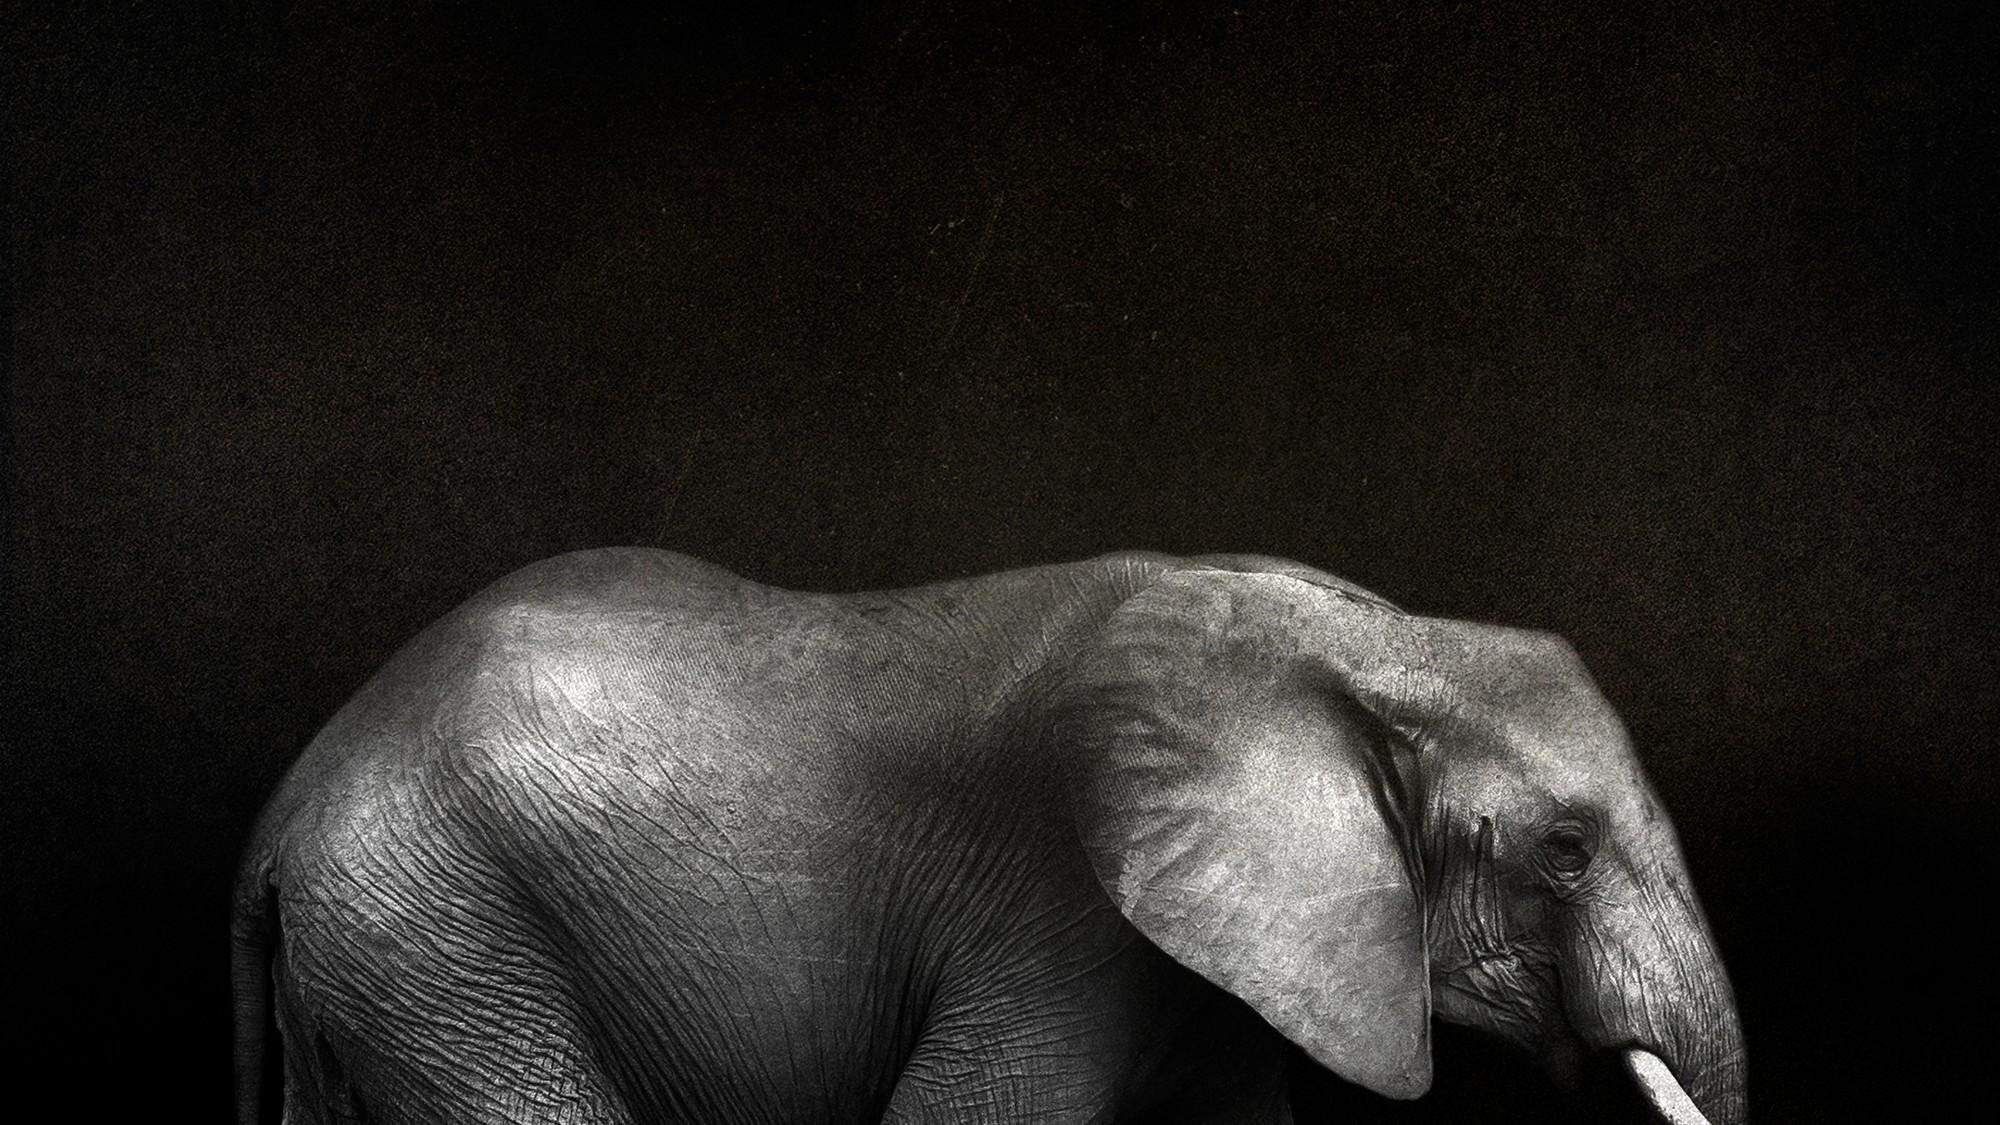 96 Elephants